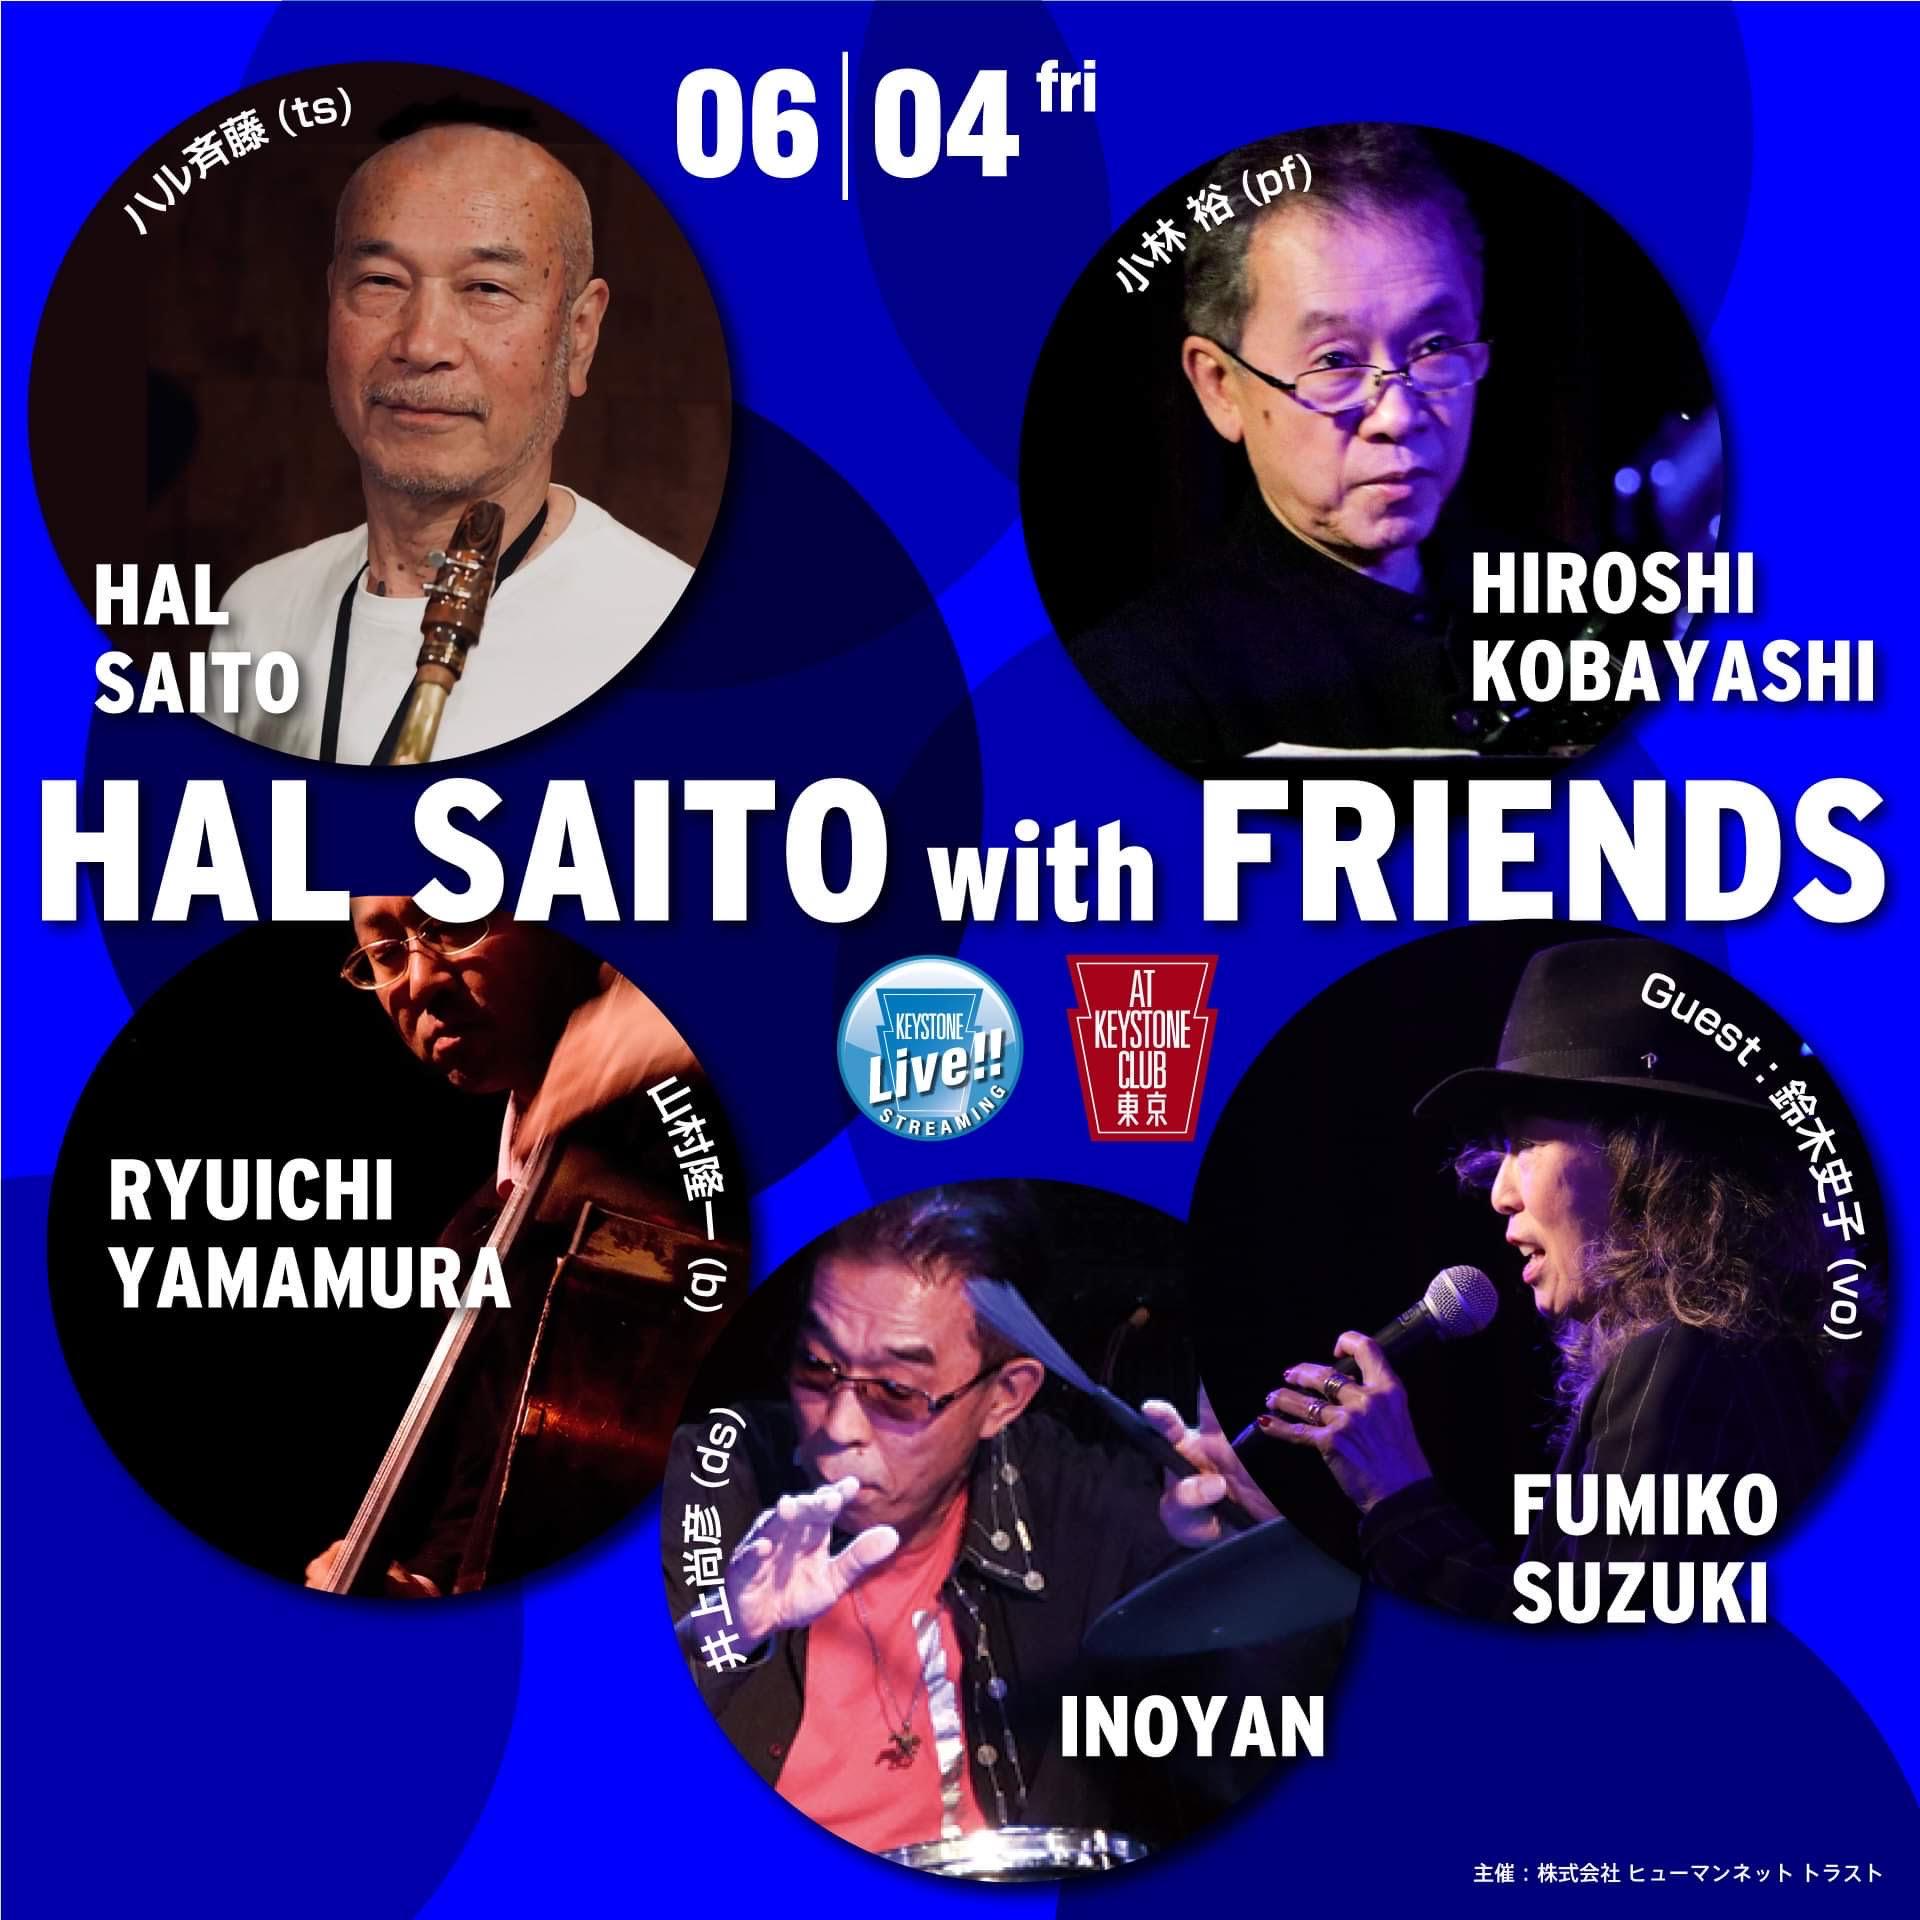 ハル斉藤 with Friends